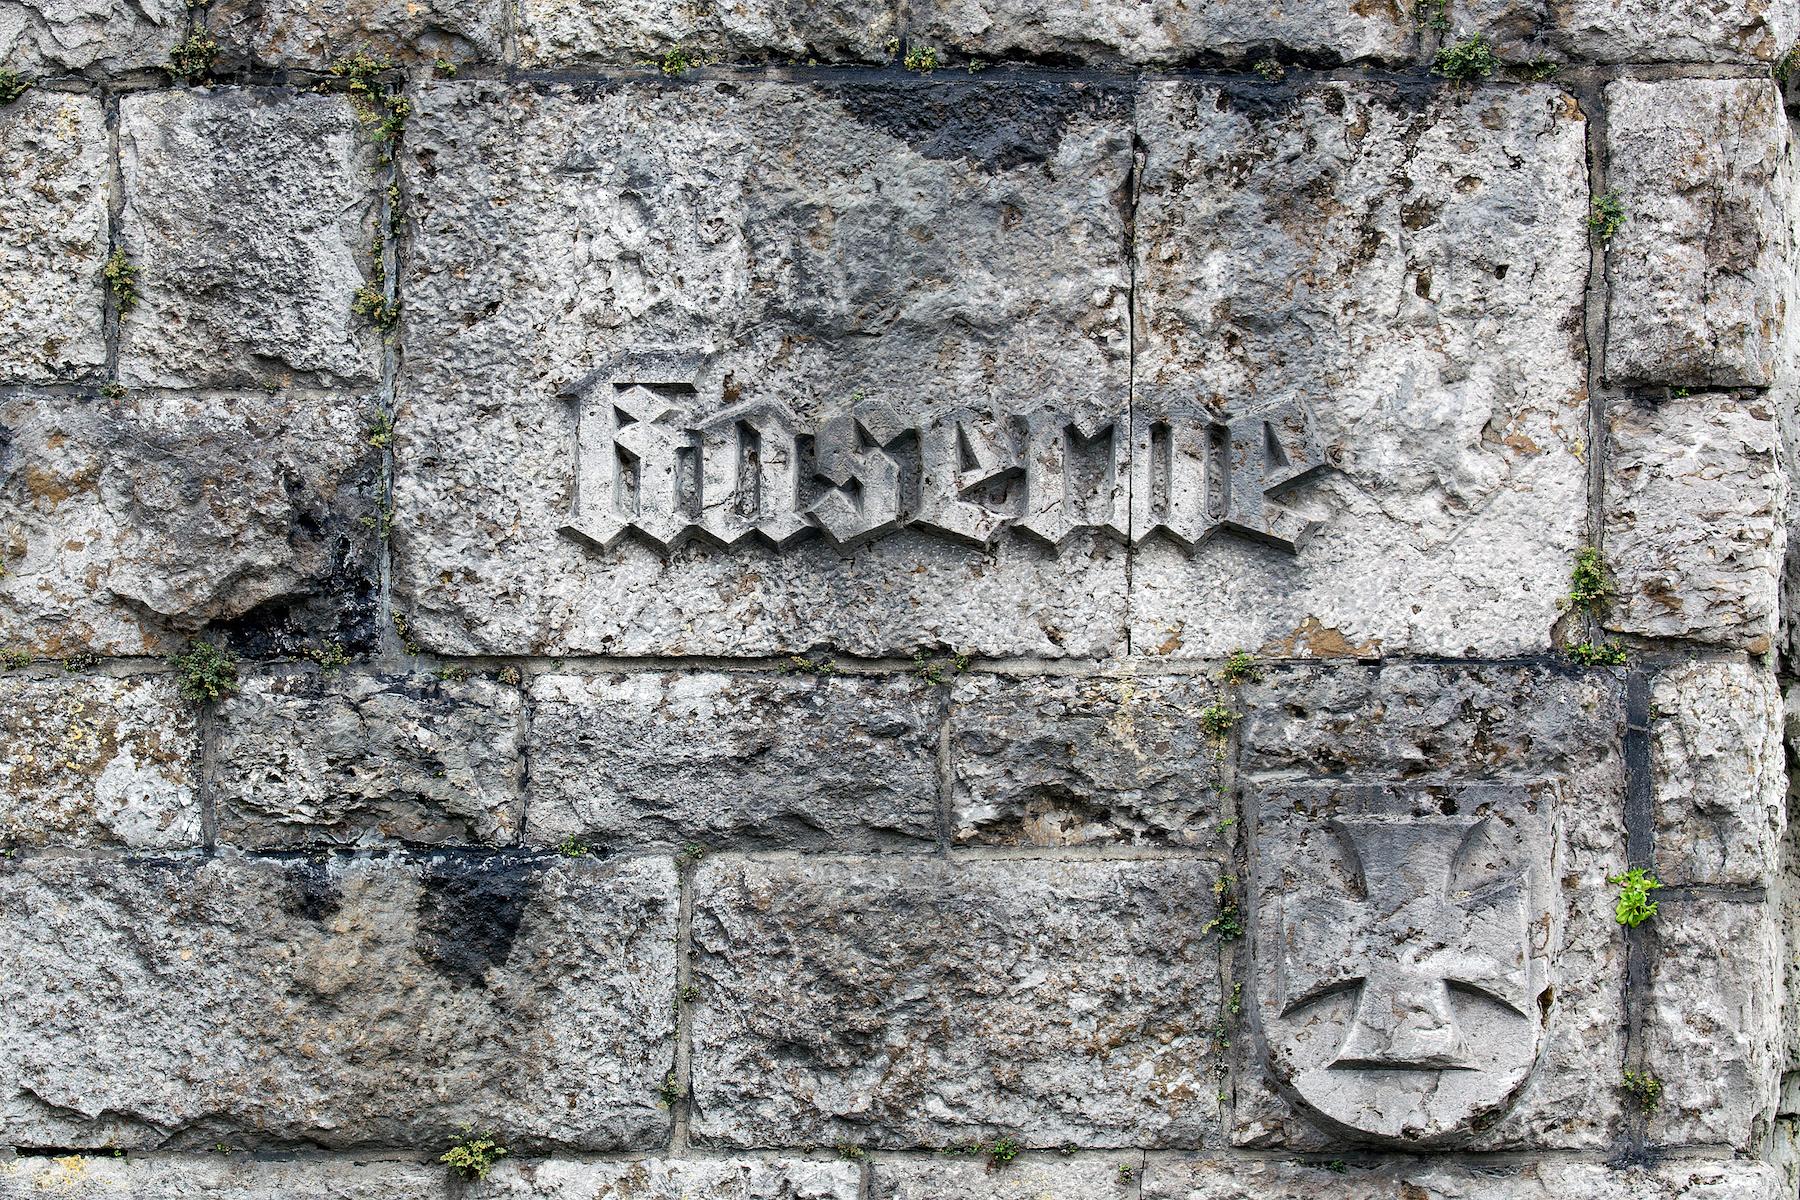 Kasernentor der Adolf-Hitler-Kaserne